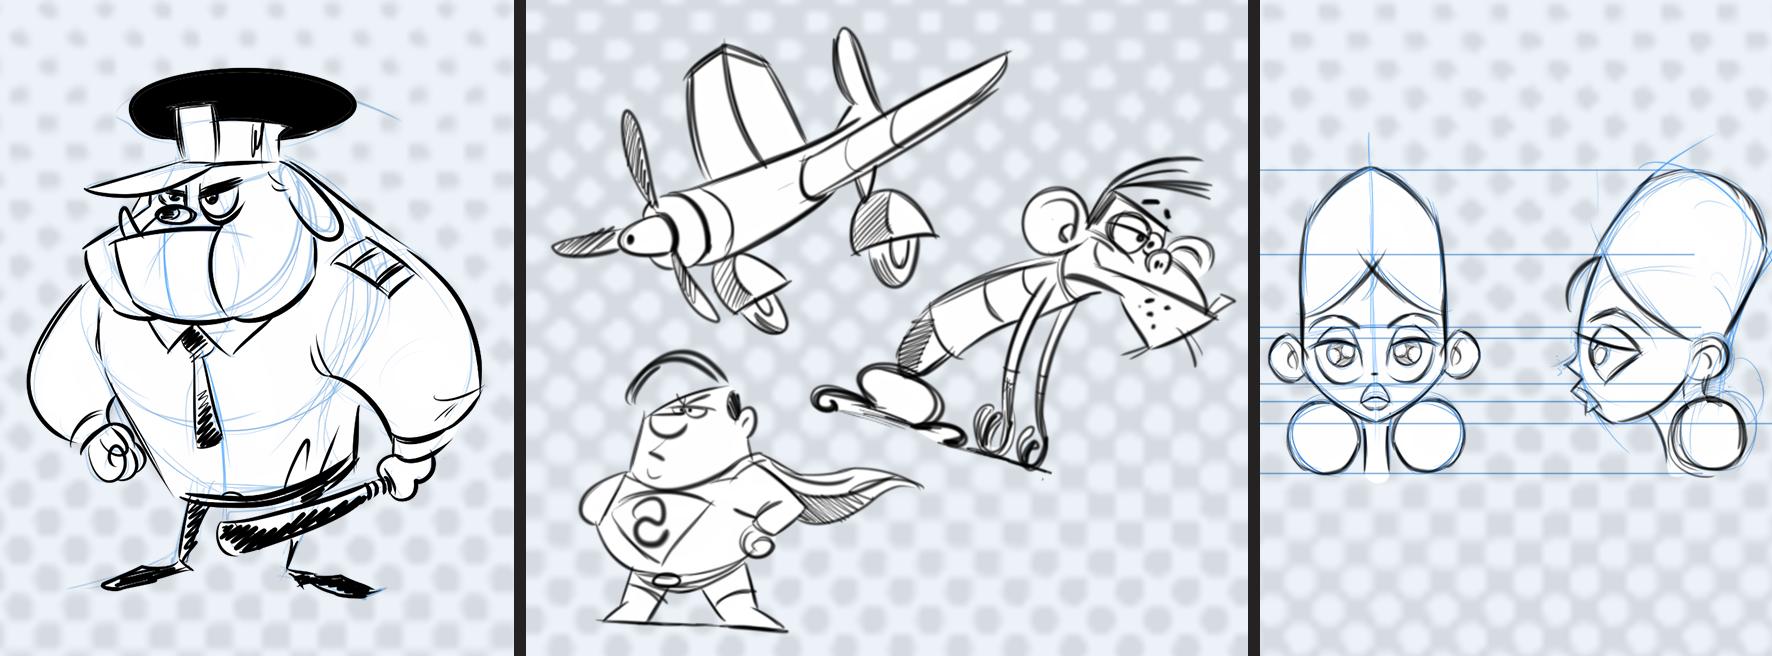 Banner Dibujo humorístico para cómic y animación general Santa Gráfica online